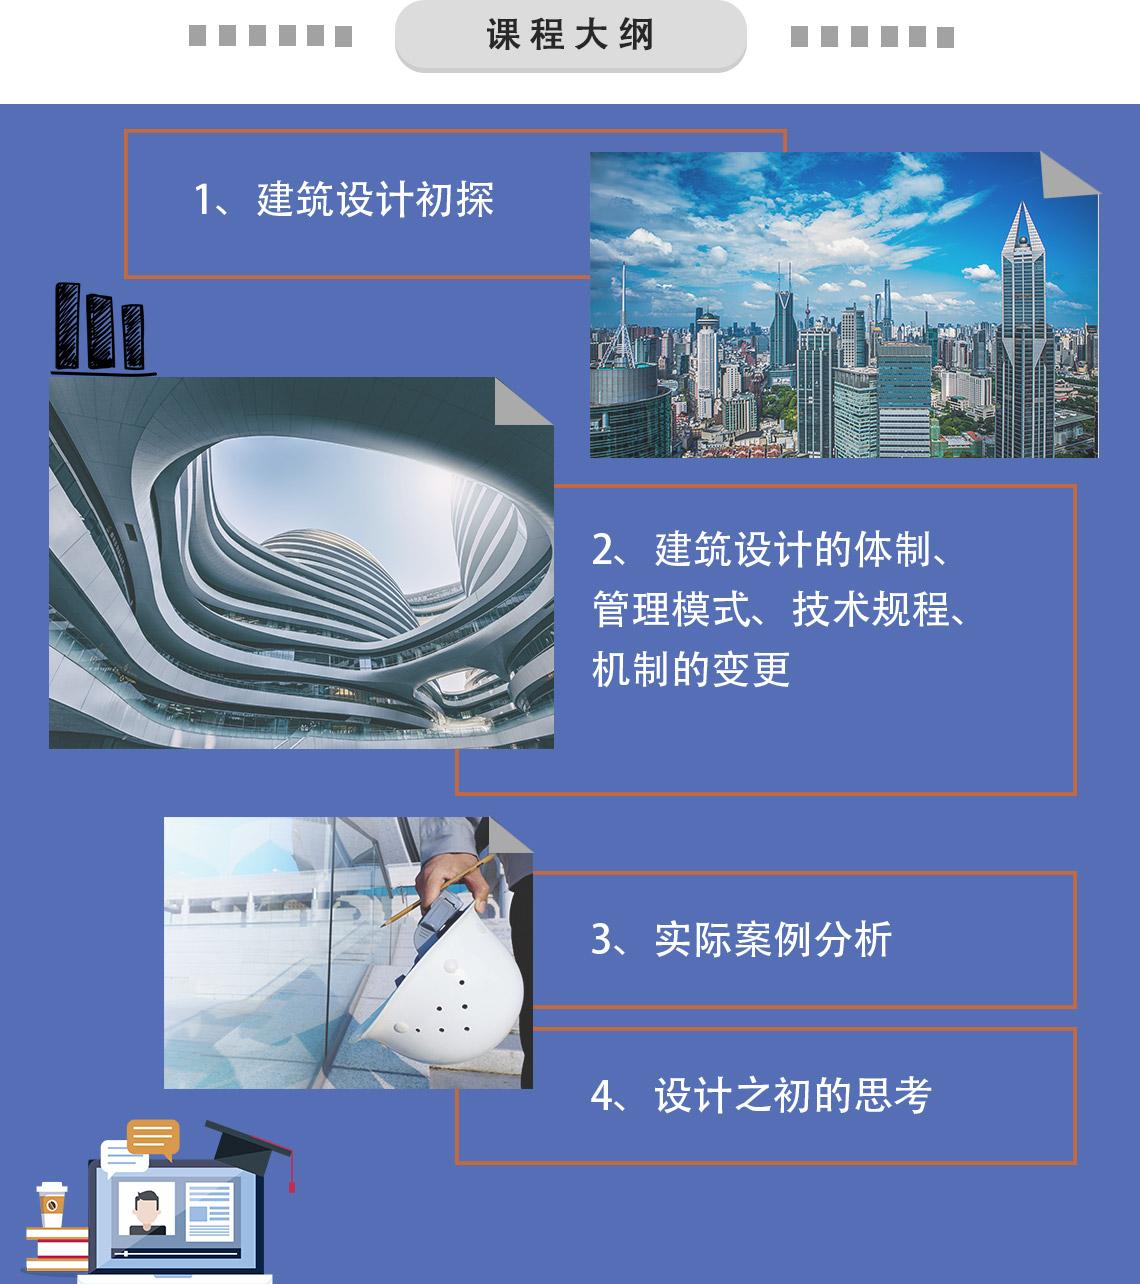 课程大纲:1、建筑设计初探 2、建筑设计的体制、管理模式、技术规程、机制的变更 3、实际案例分析 4、设计之初的思考